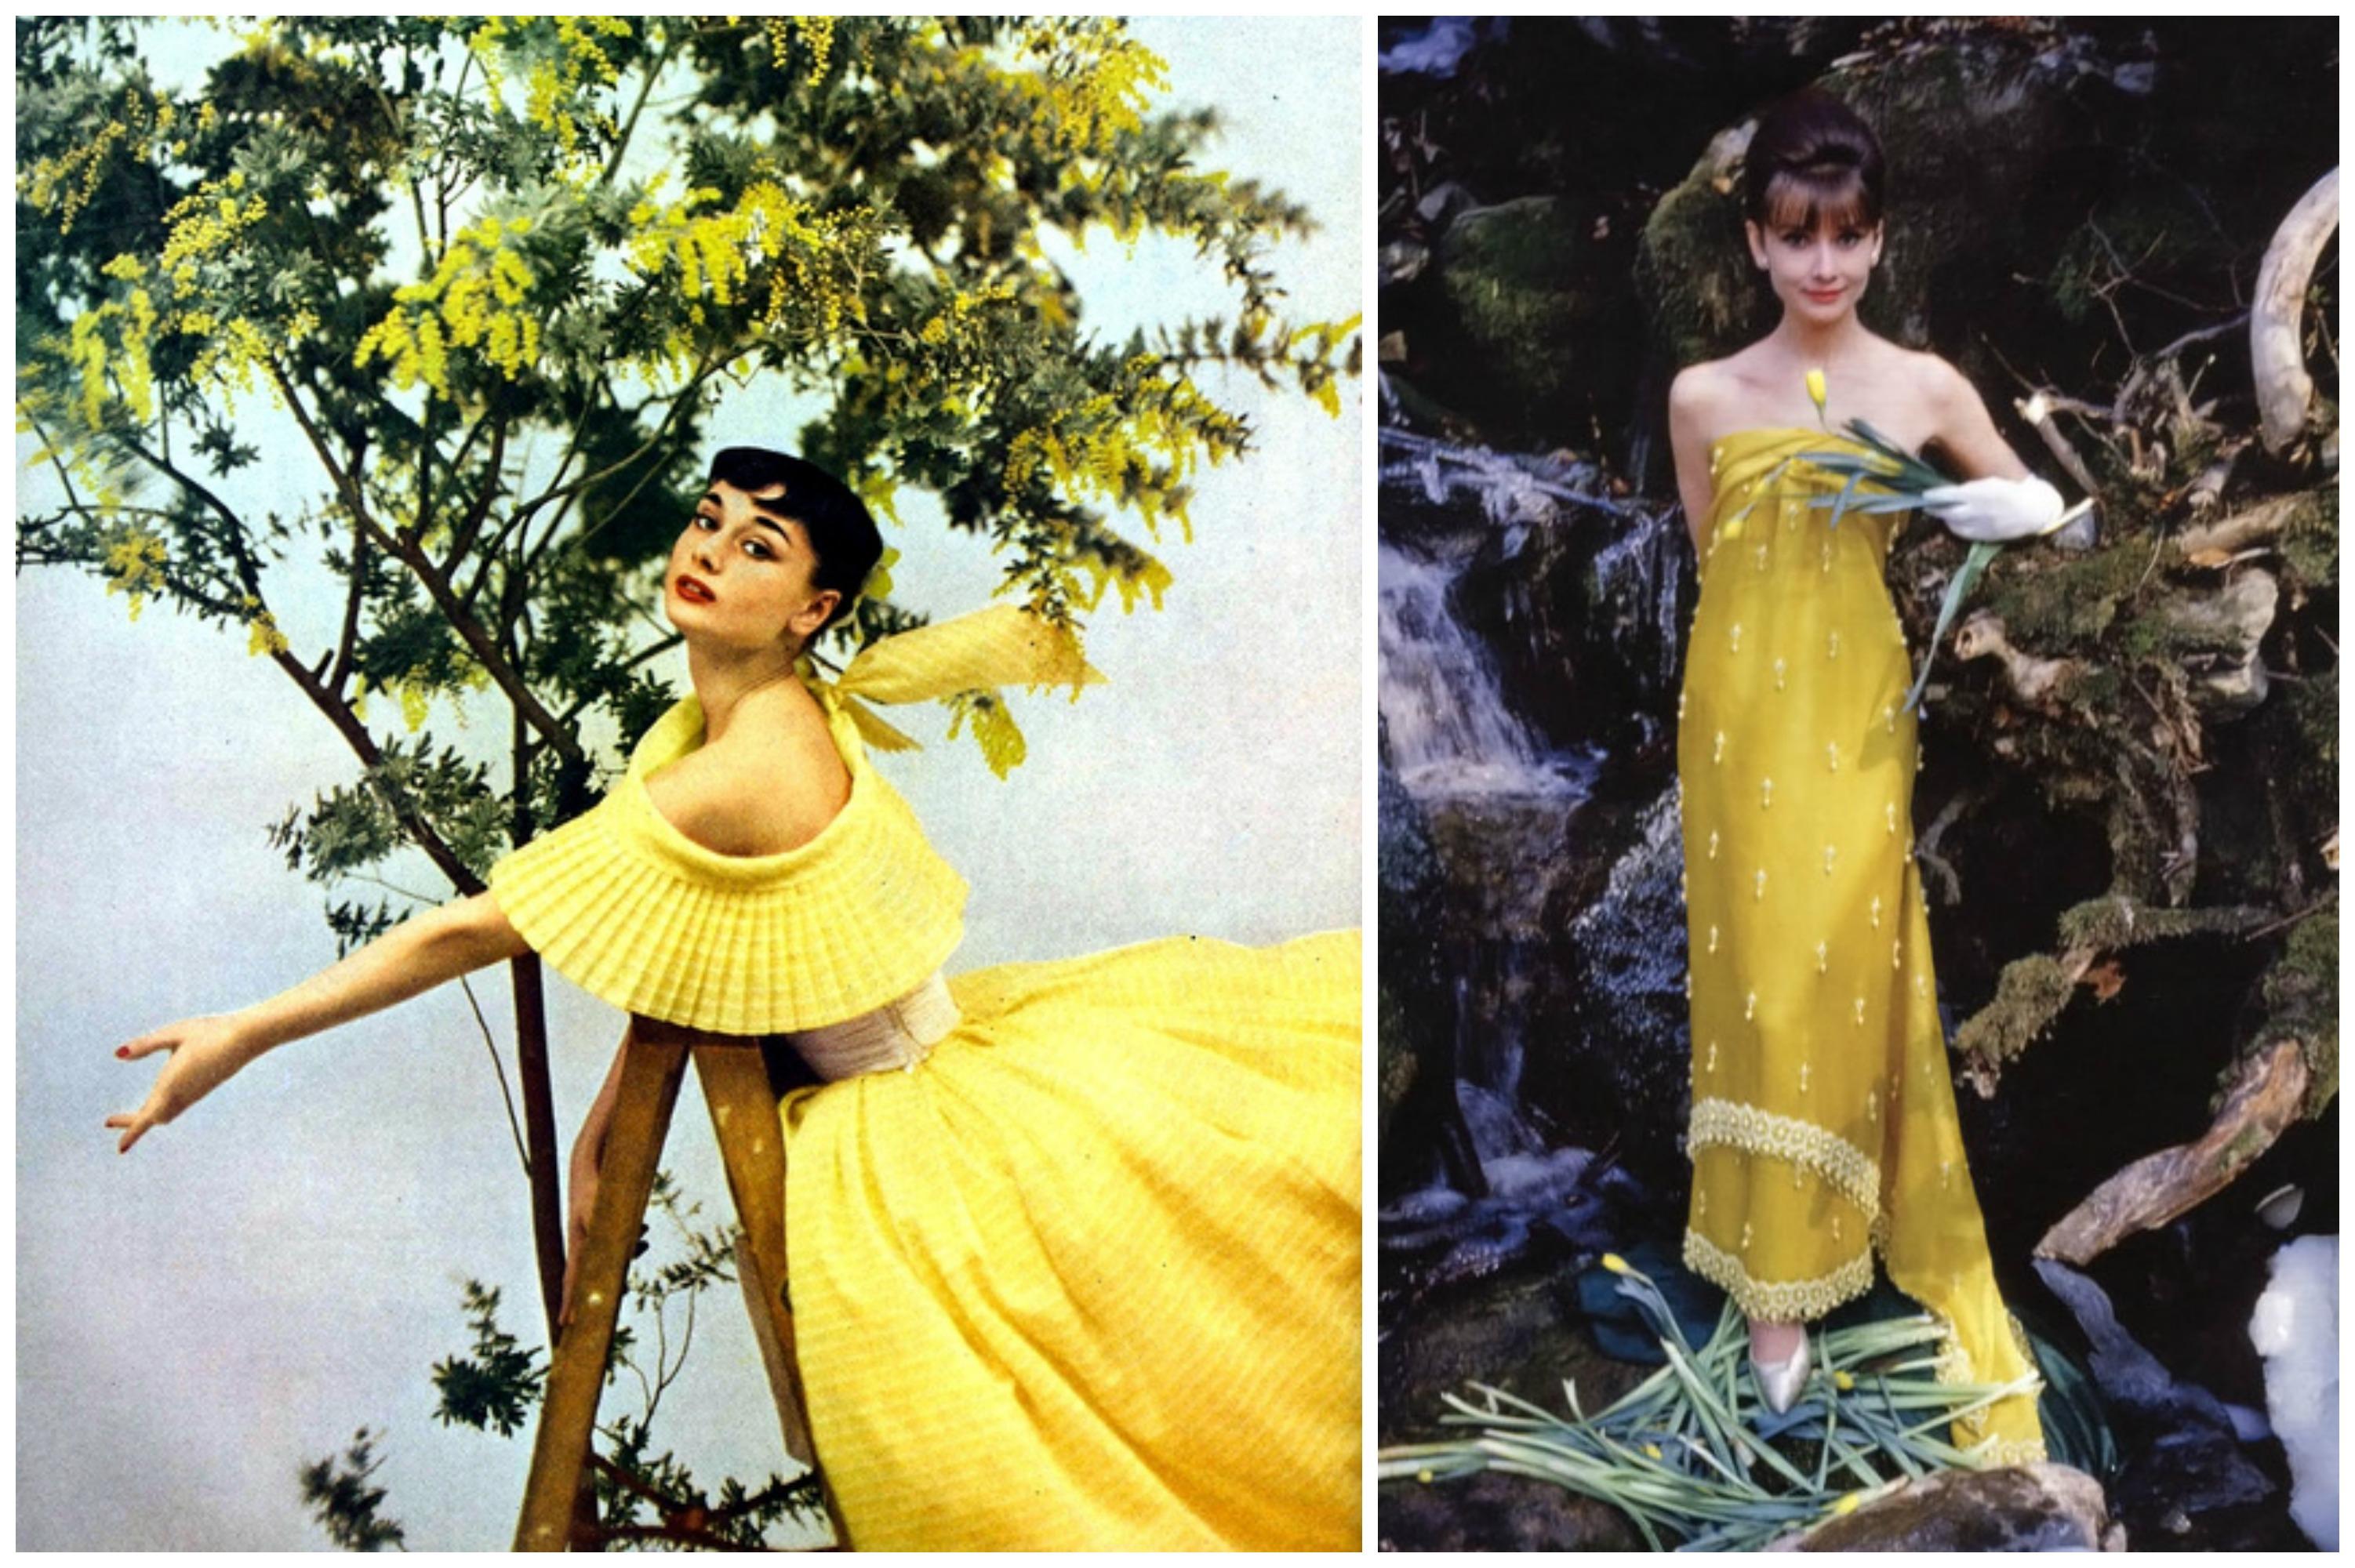 Audrey hepburn dress yellow